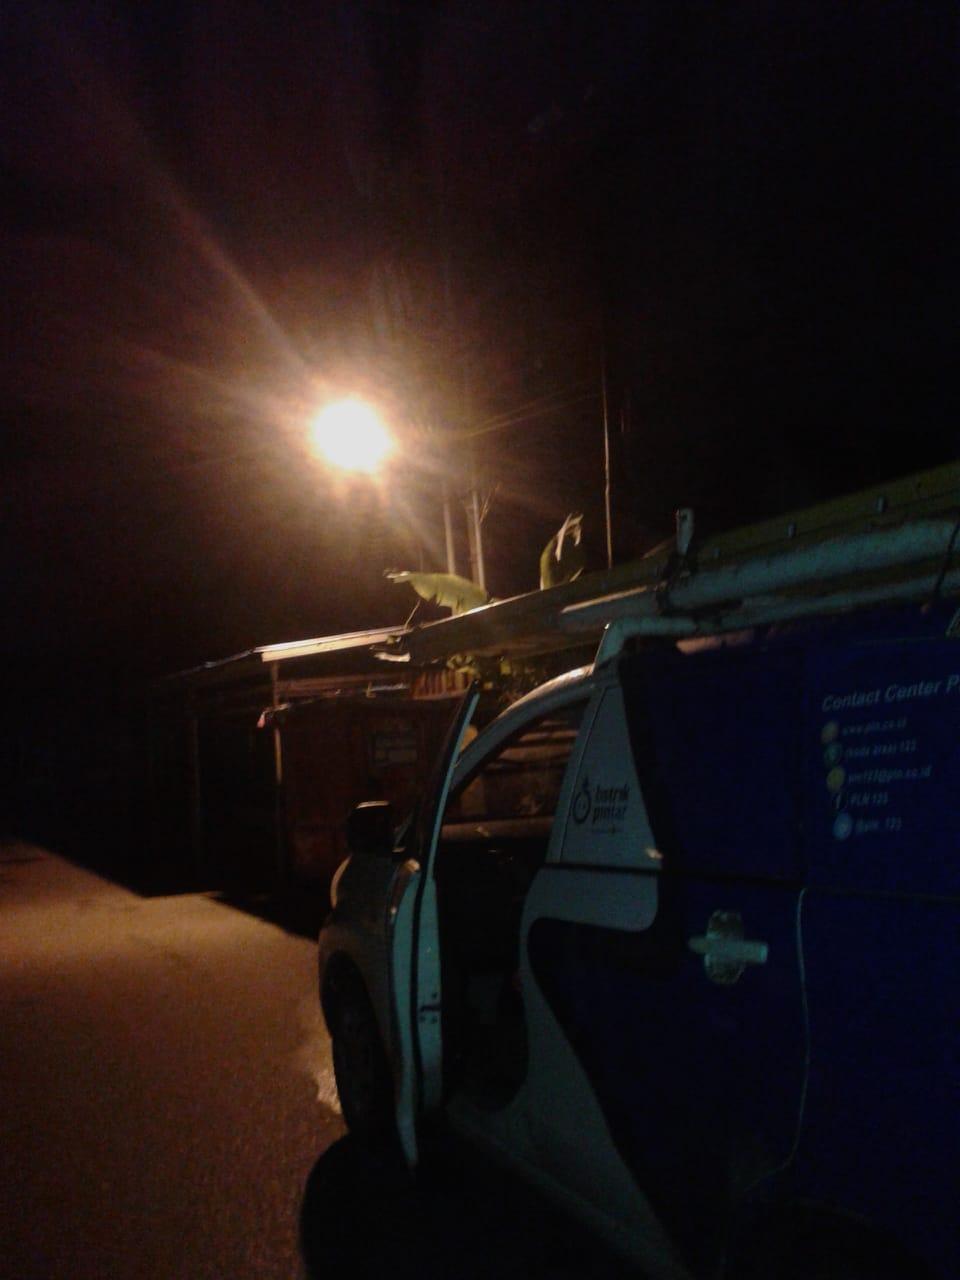 Meledaknya Trafo Listrik Itu, Dijelaskan Deputi Menager Hukum dan Humas PLN Wilayah Kalselteng